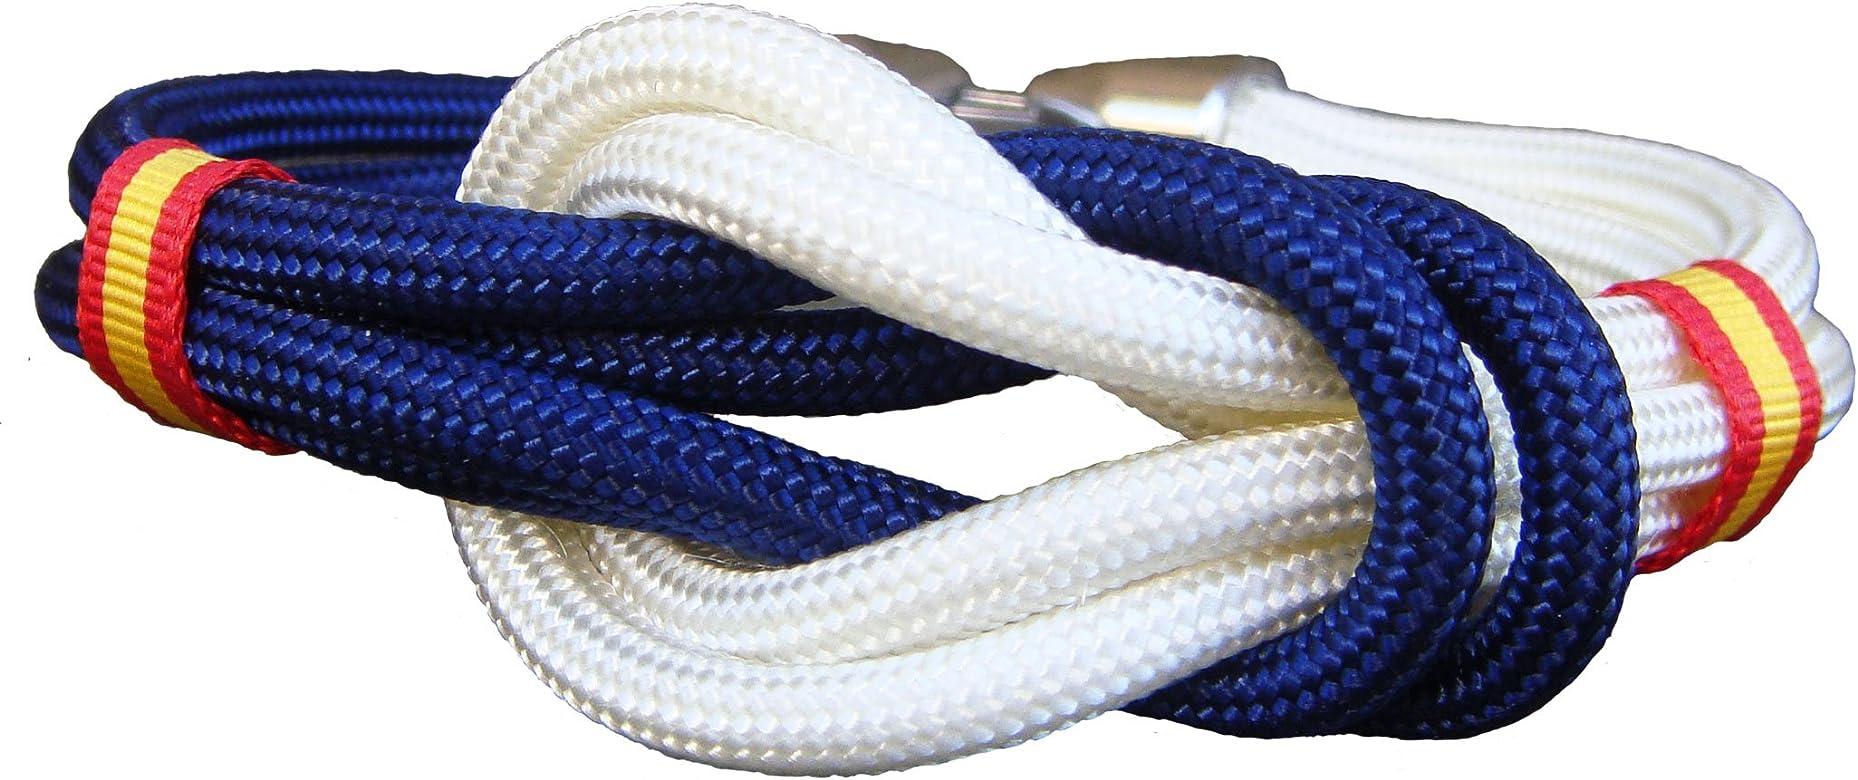 Pi2010 - Pulsera España Nudo Doble Blanco y Marino, 19cm / Cinta Bandera de España en Laterales/Recomendable medirse la muñeca: Amazon.es: Joyería